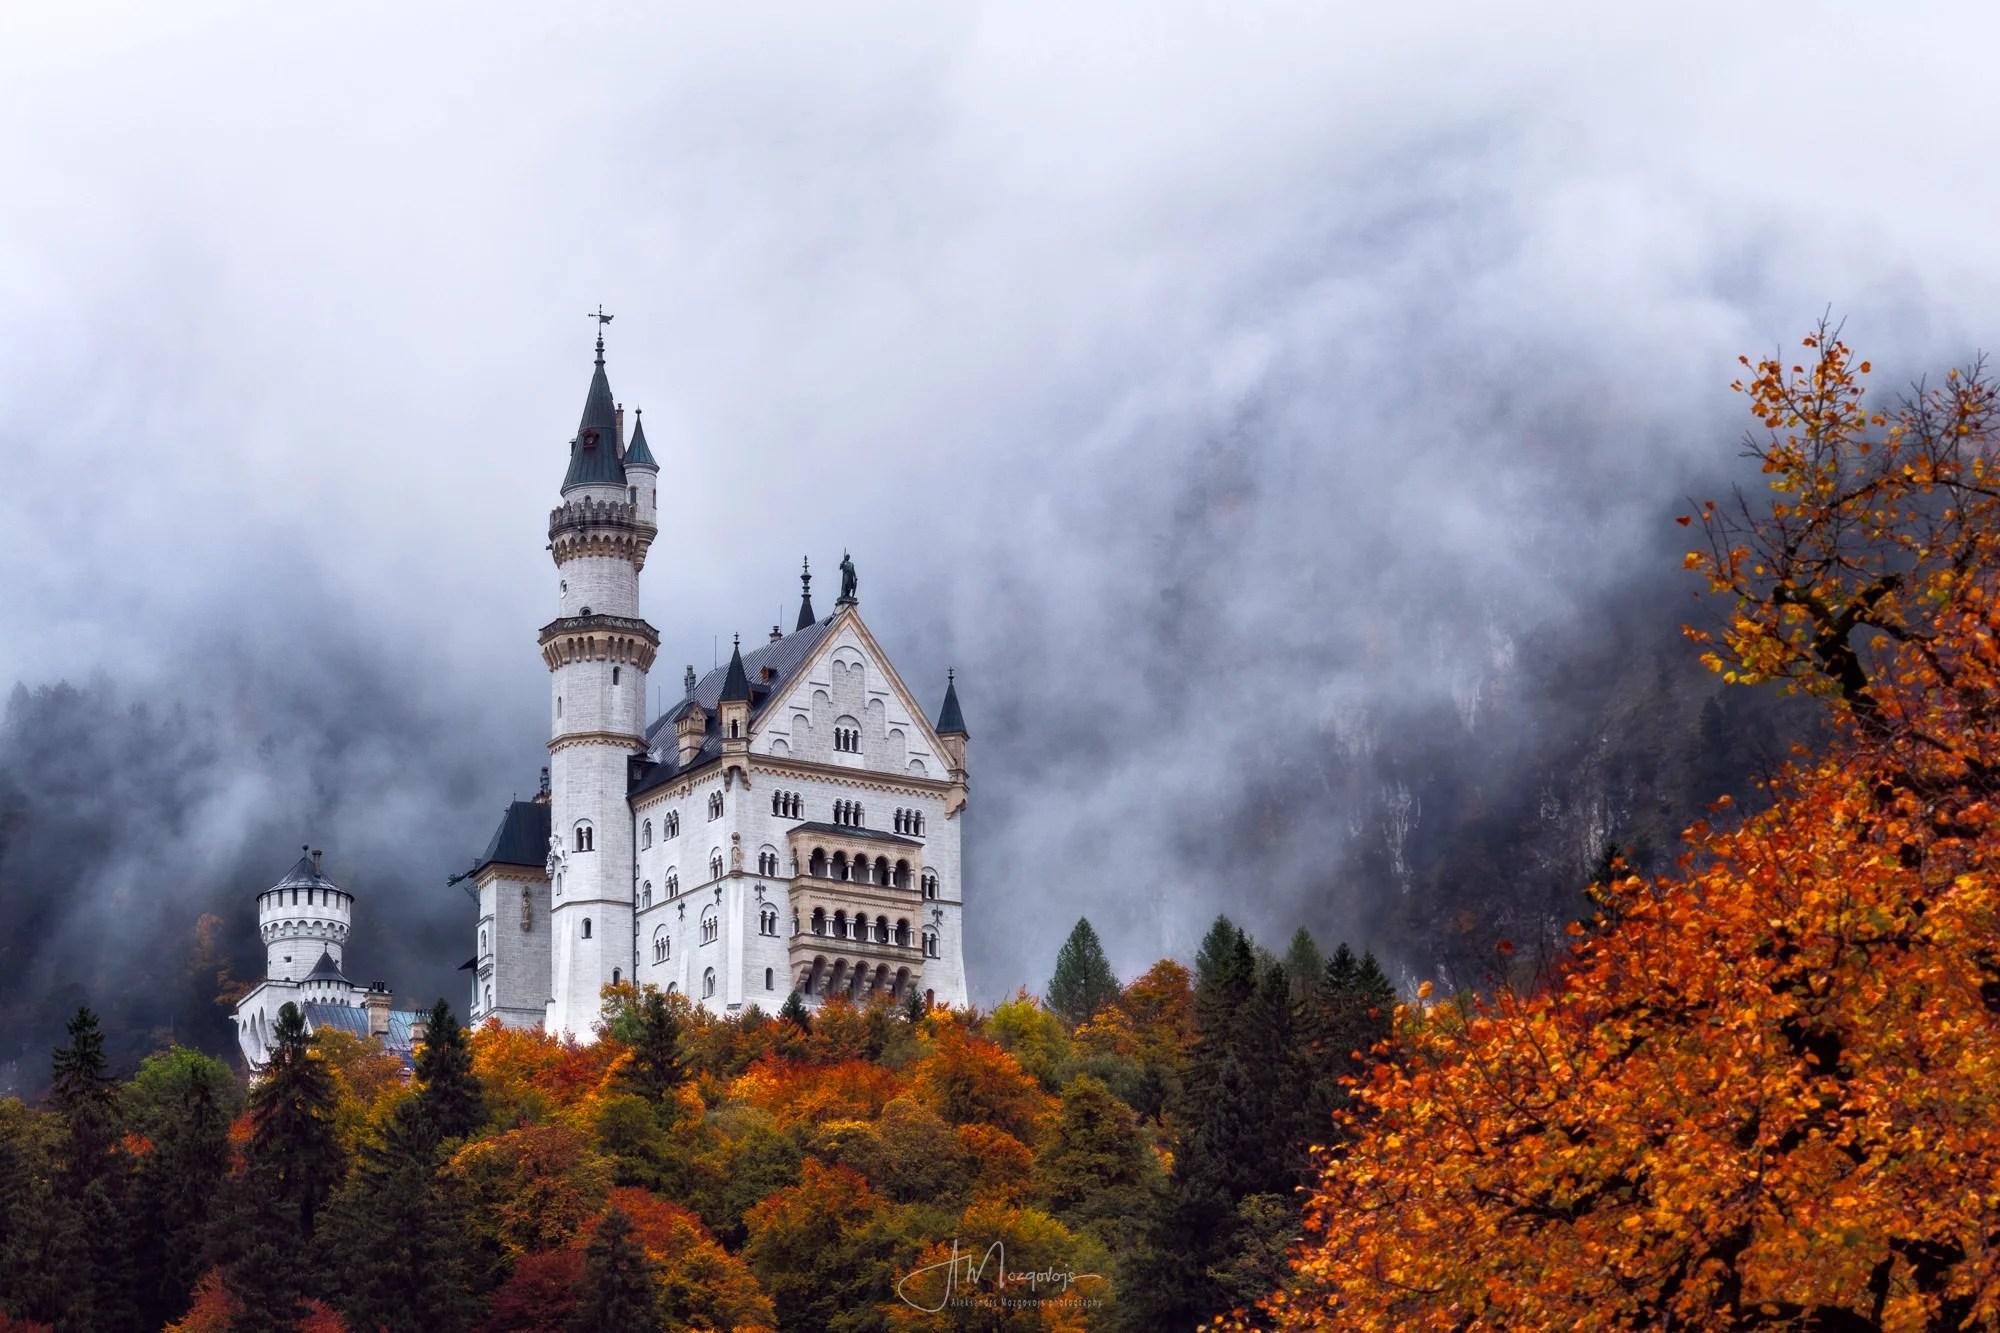 Fog over Castle Neuschwanstein